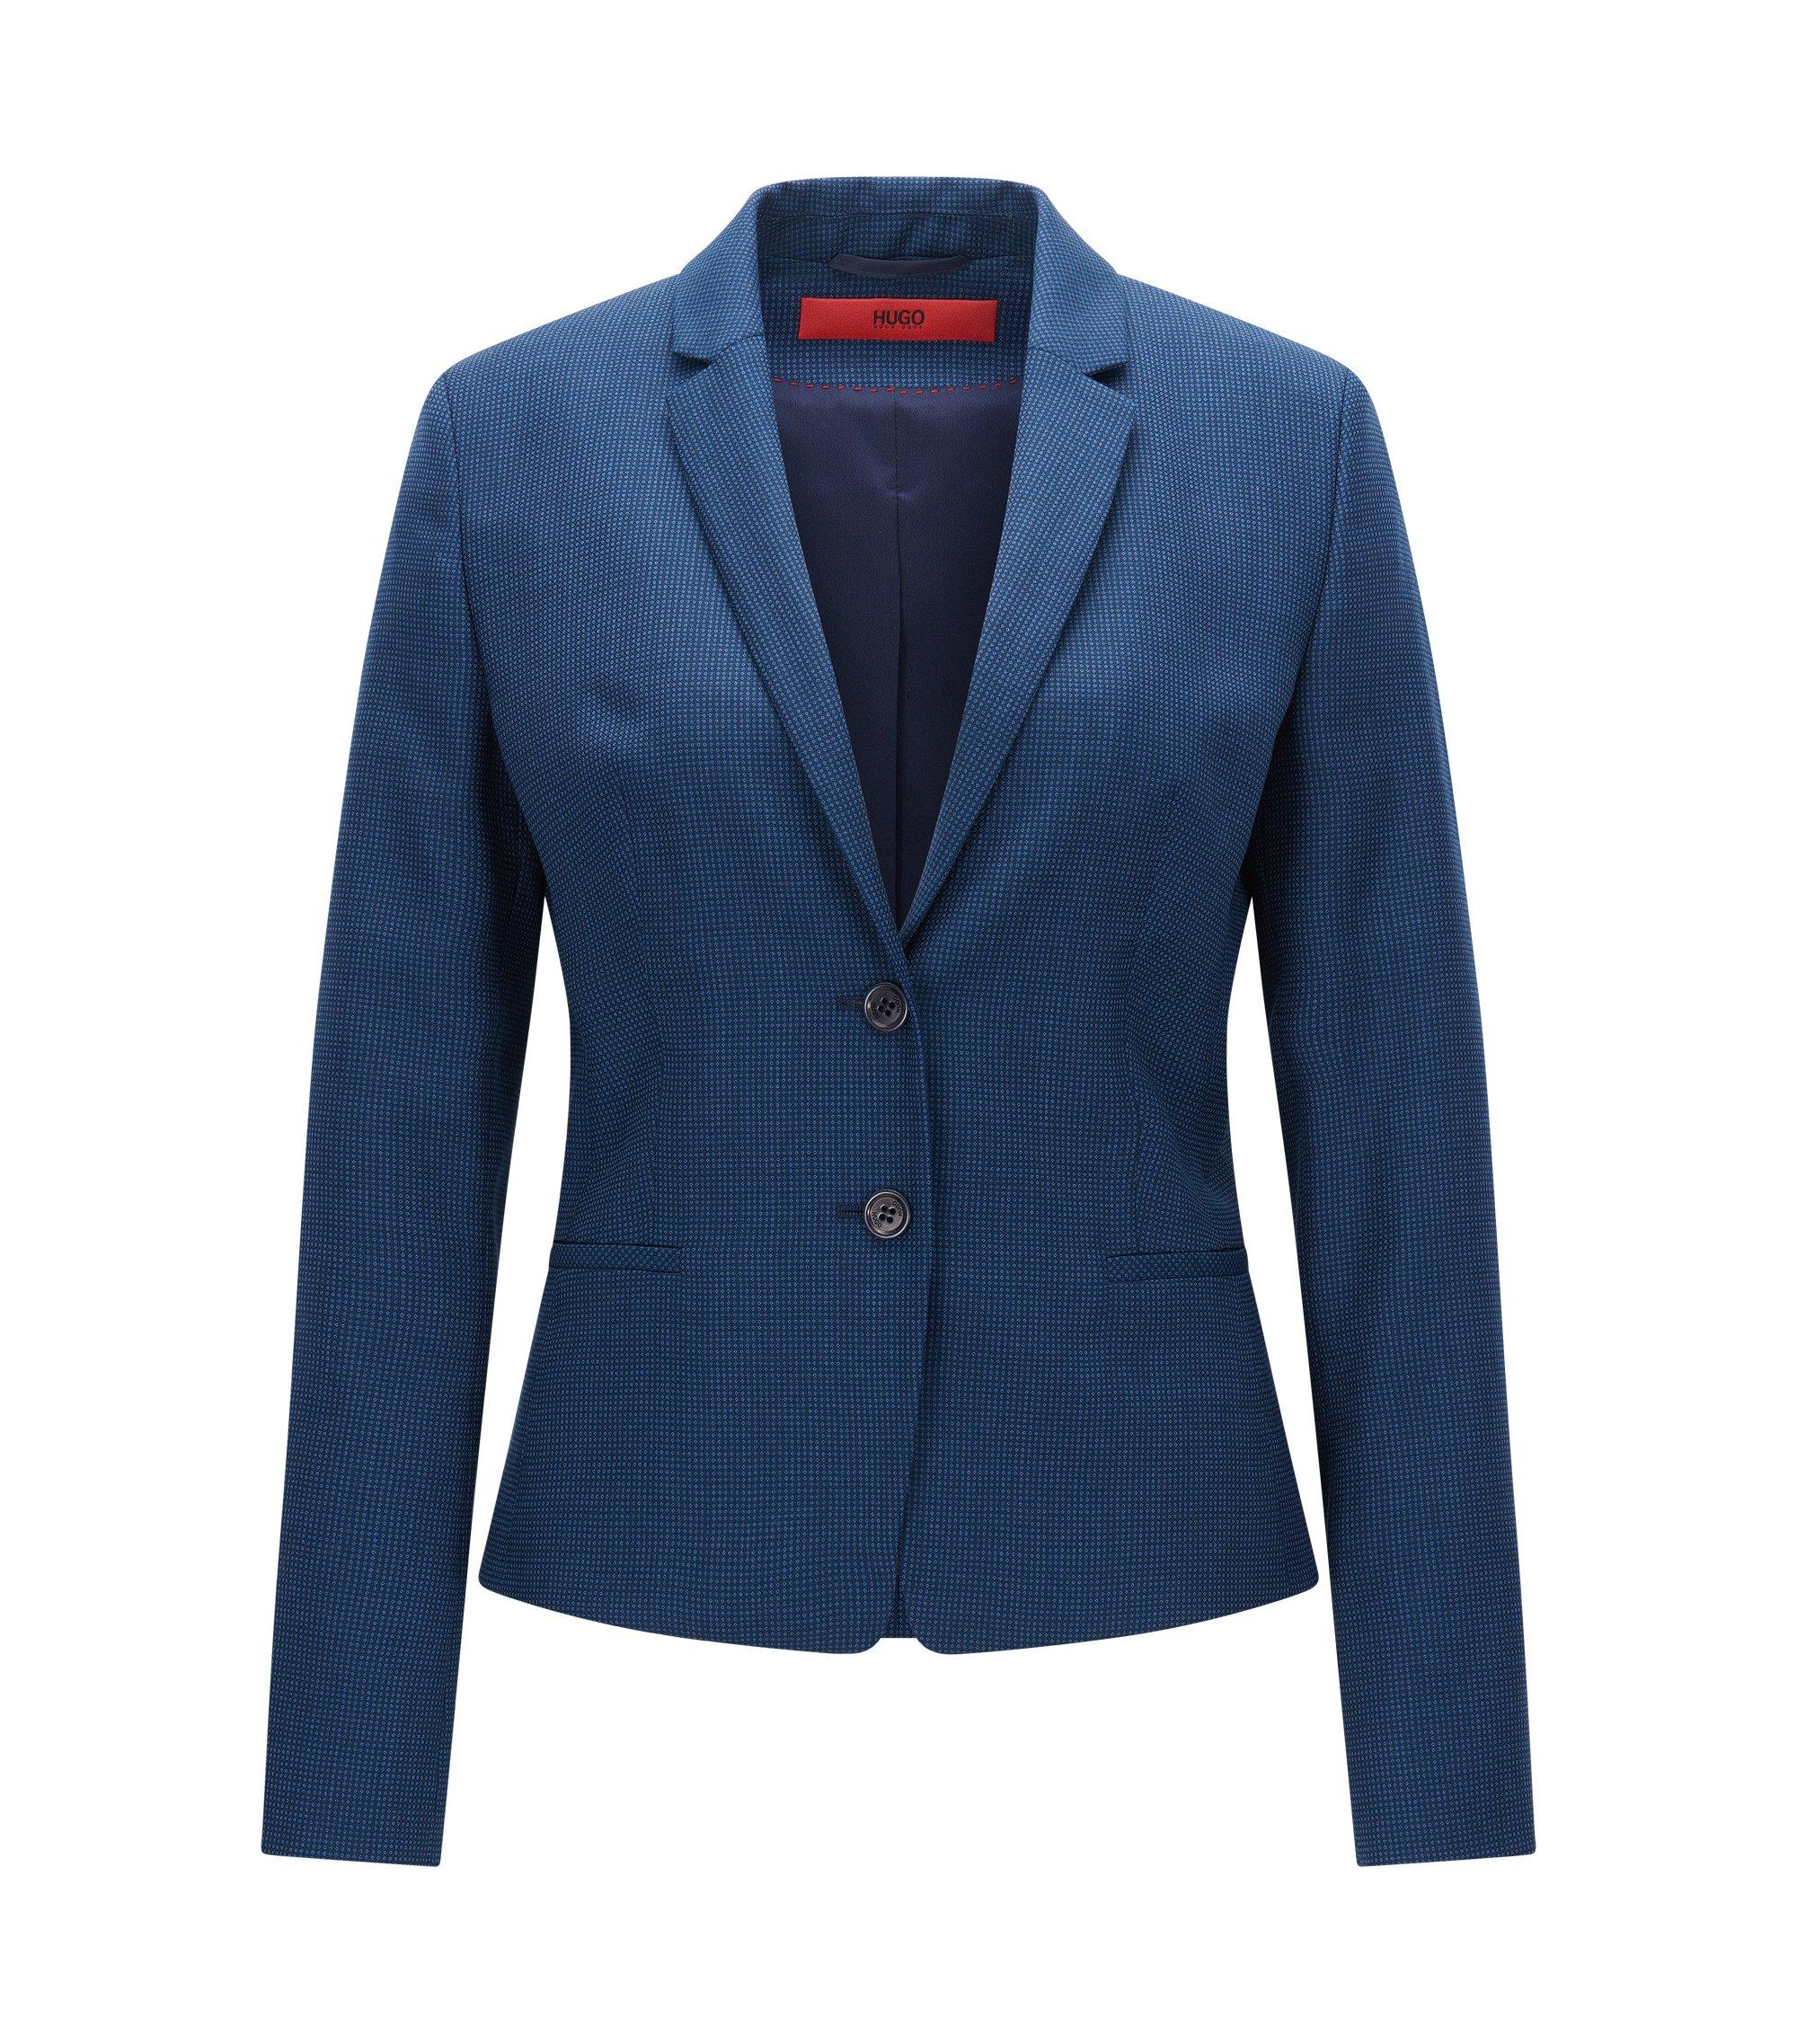 Gemusterter Regular-Fit Blazer aus Schurwolle, Blau